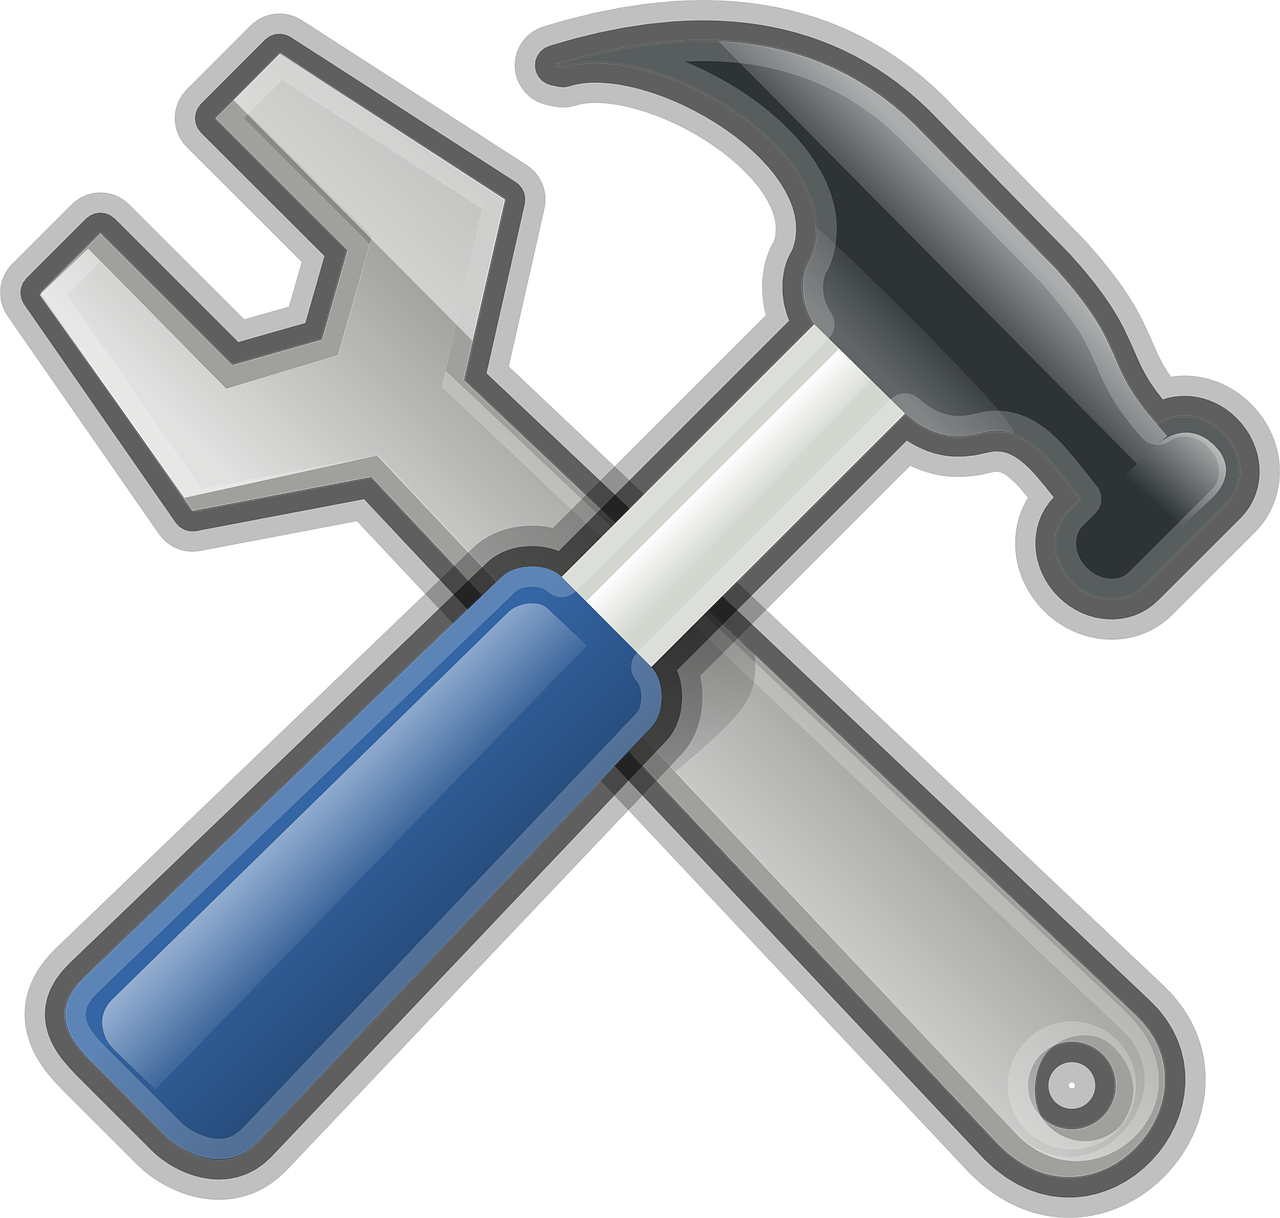 hammer, wrench, repair